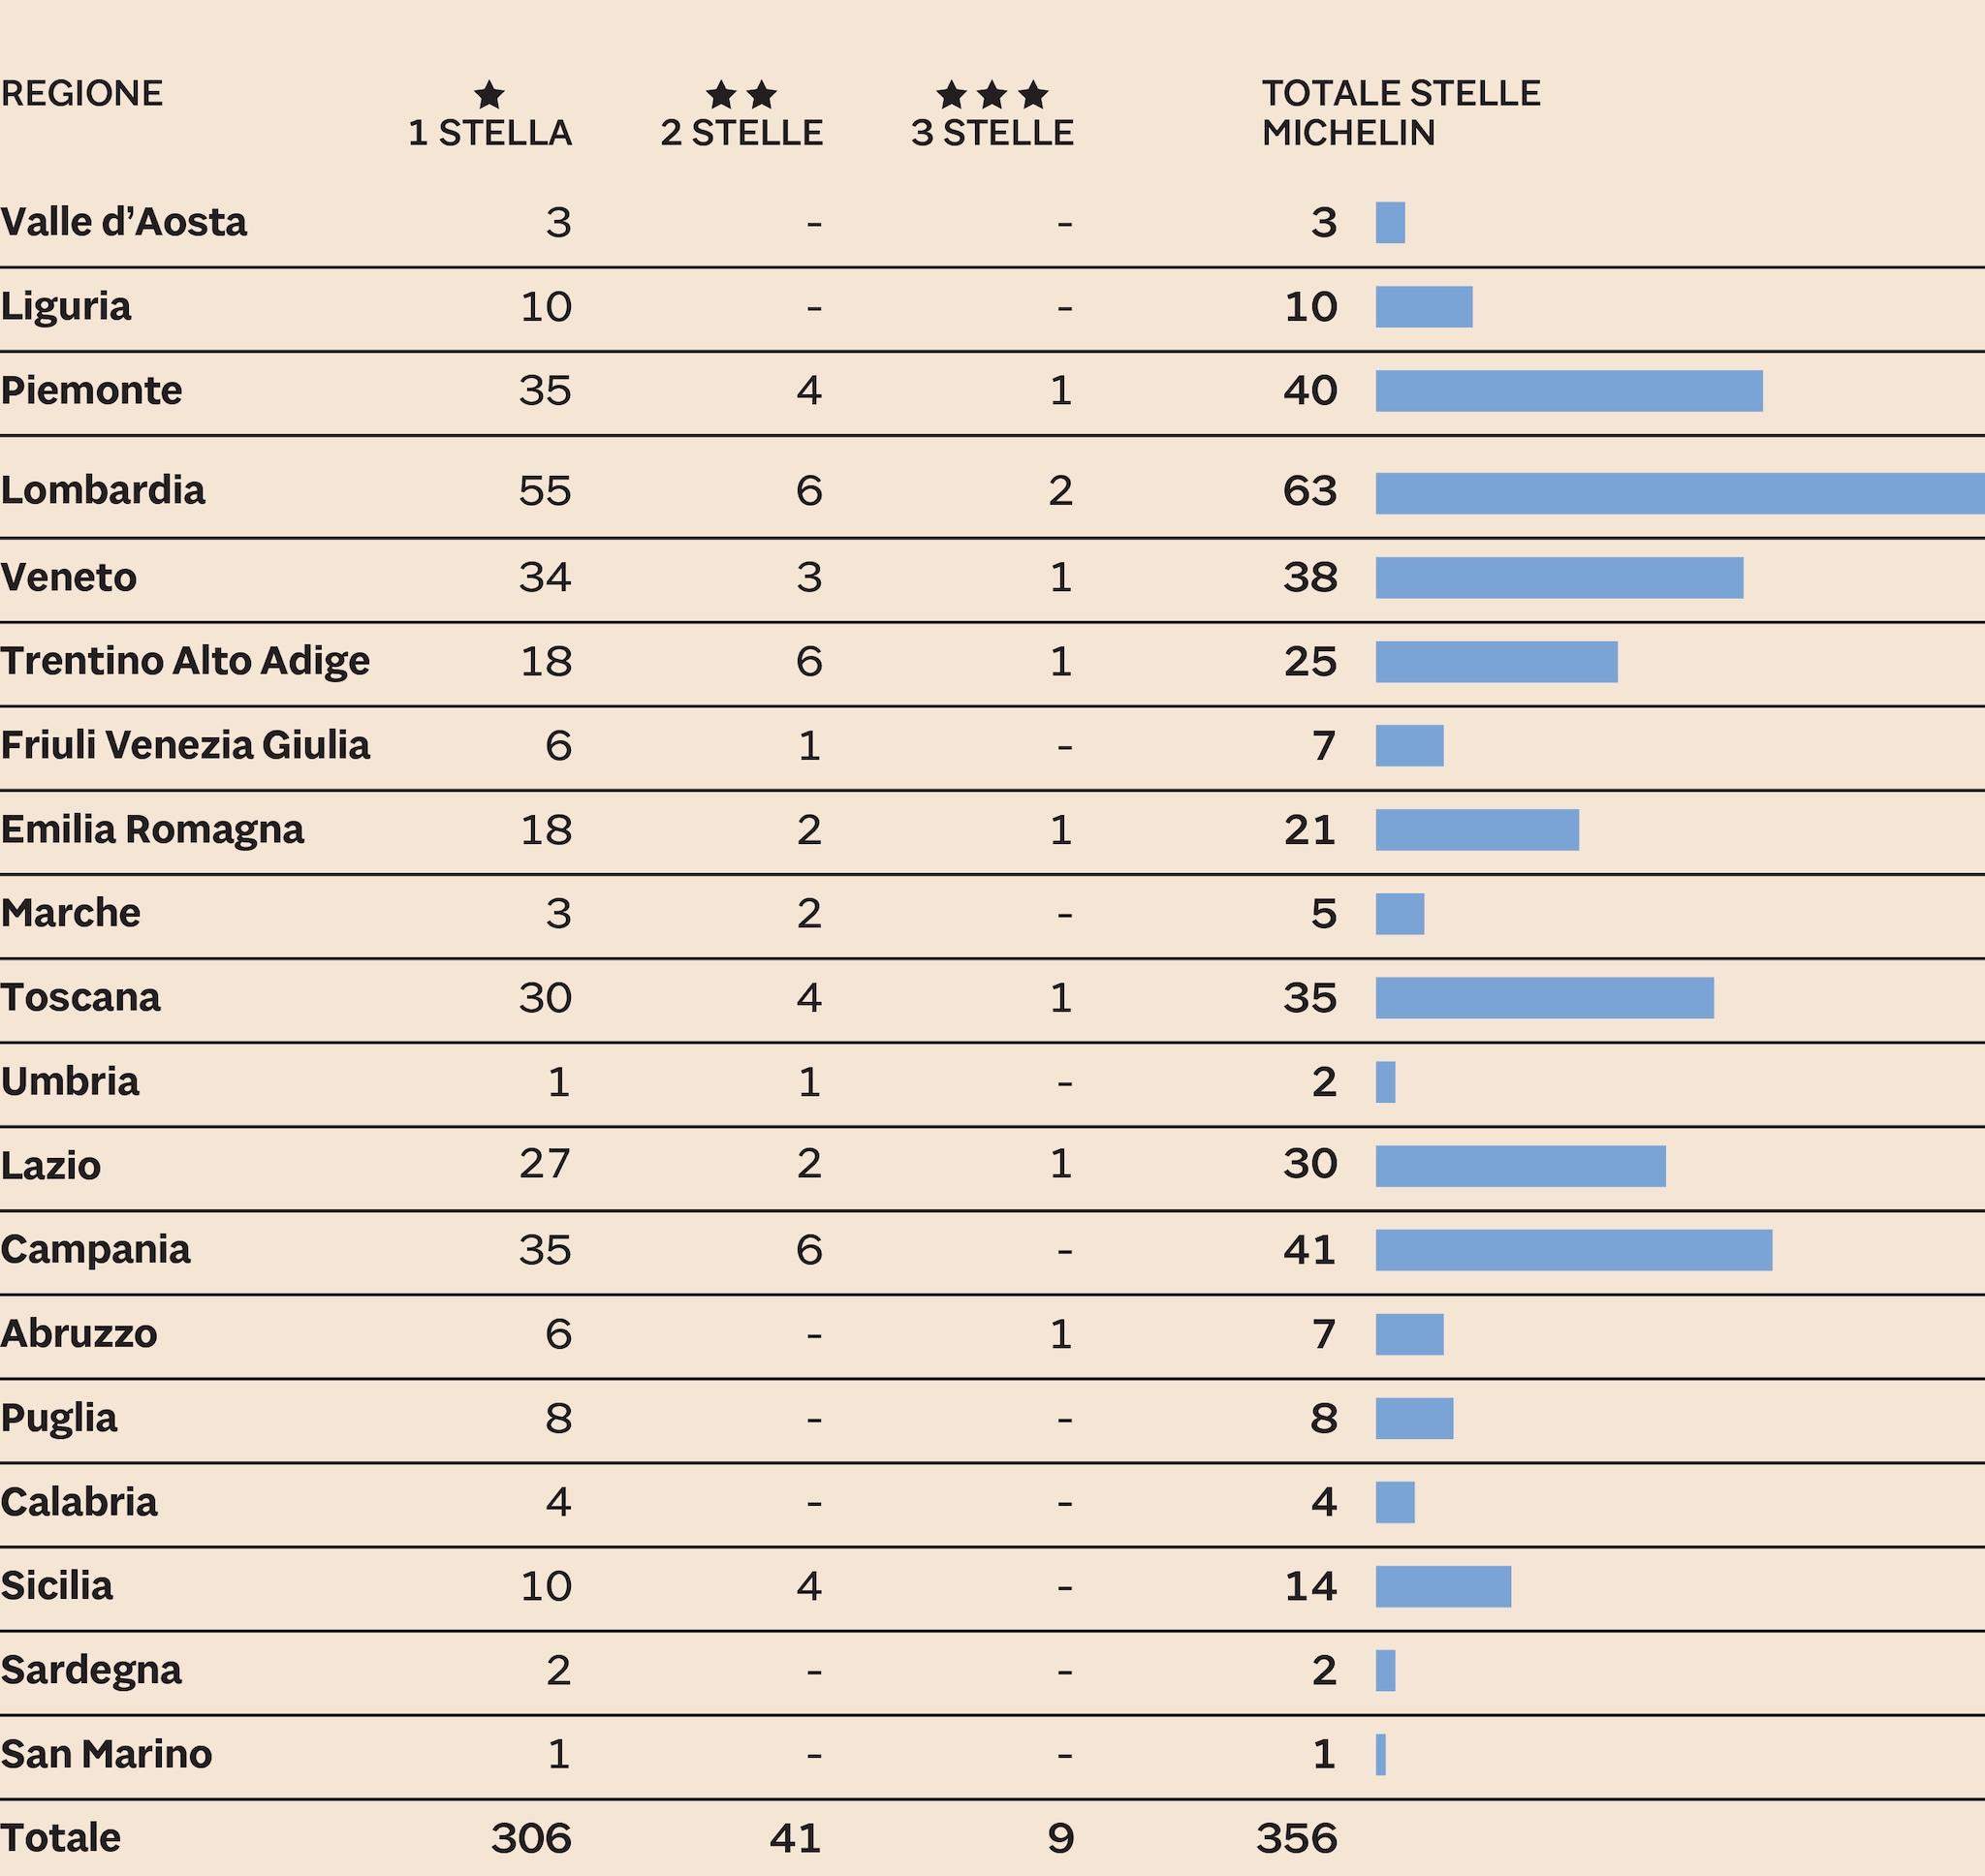 Cartina Lazio Michelin.Le Stelle Michelin Mettono Il Turbo Agli Chef 600 Milioni Di